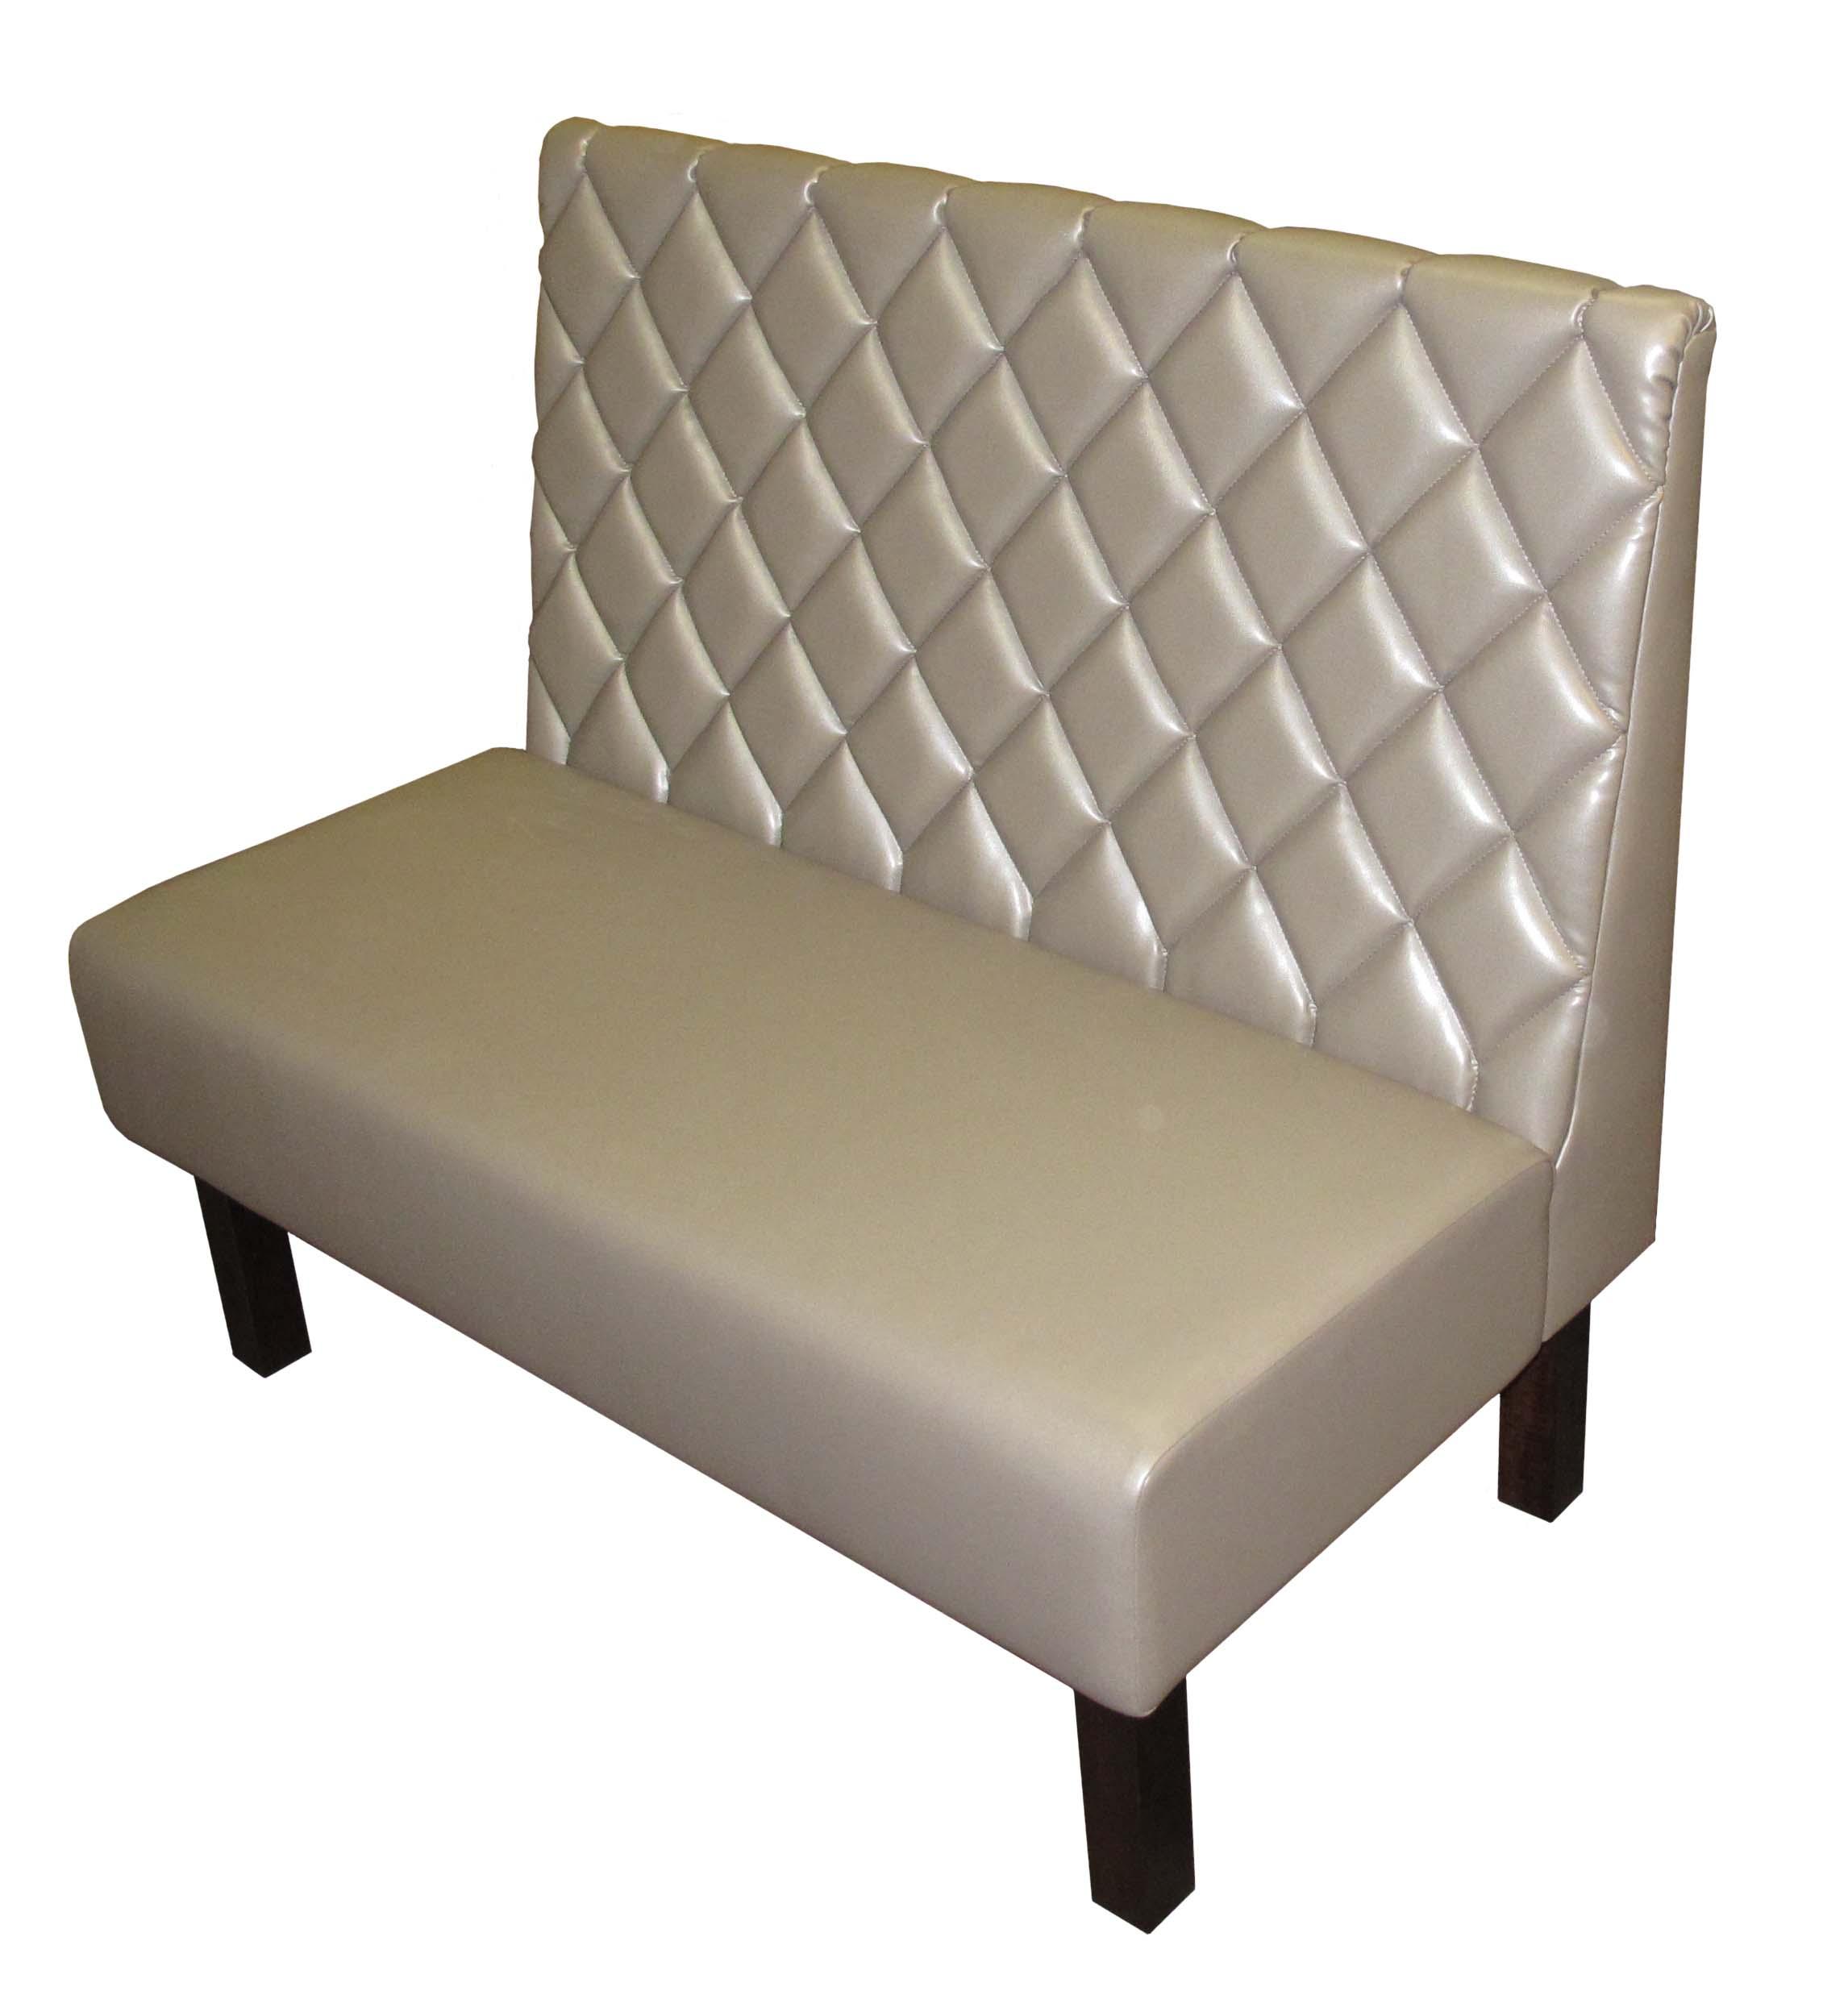 sitzbank gastro affordable gastronomie mbel gastro lounge bnke bank shisha bar sitzbnke with. Black Bedroom Furniture Sets. Home Design Ideas